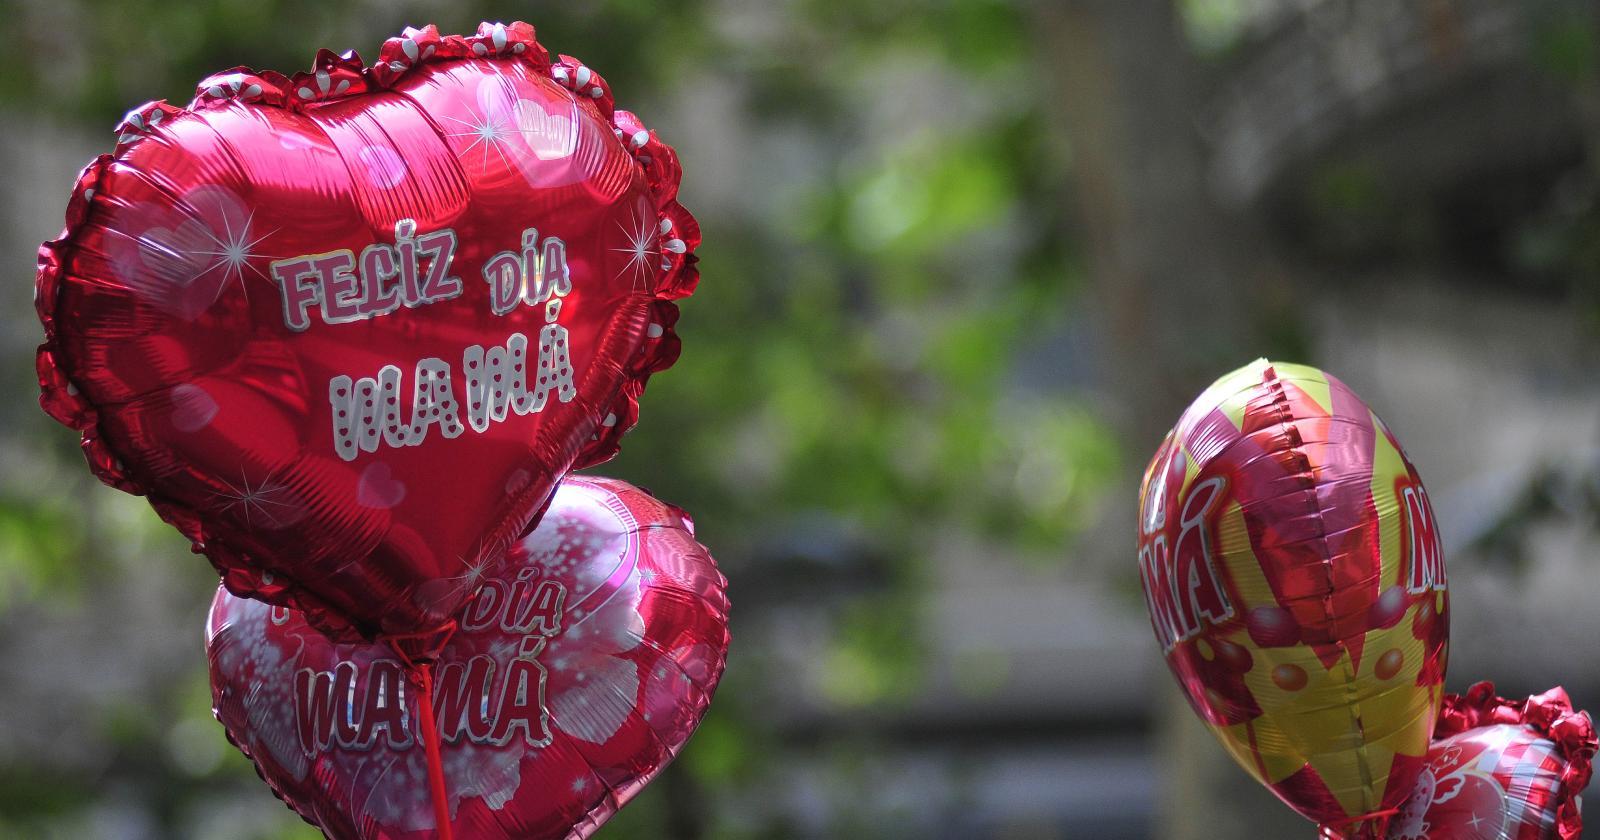 Tottus adapta su propuesta para el Día de la Madre con alternativas para festejar en casa